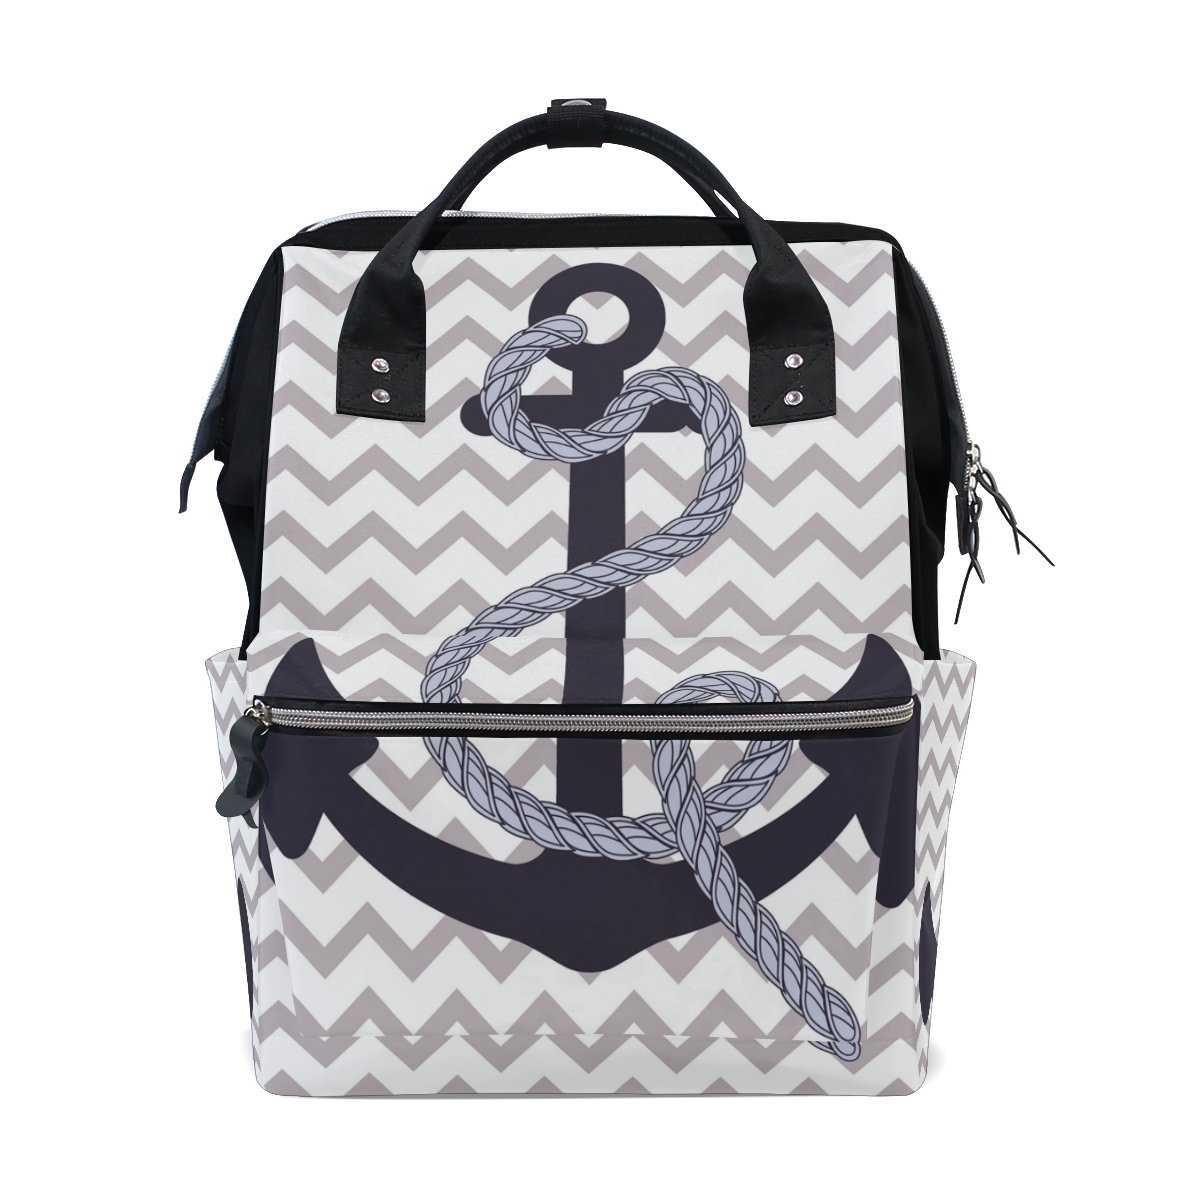 ALIREA Nautical Anchor Diaper Bag Backpack, Large Capacity Muti-Function Travel Backpack